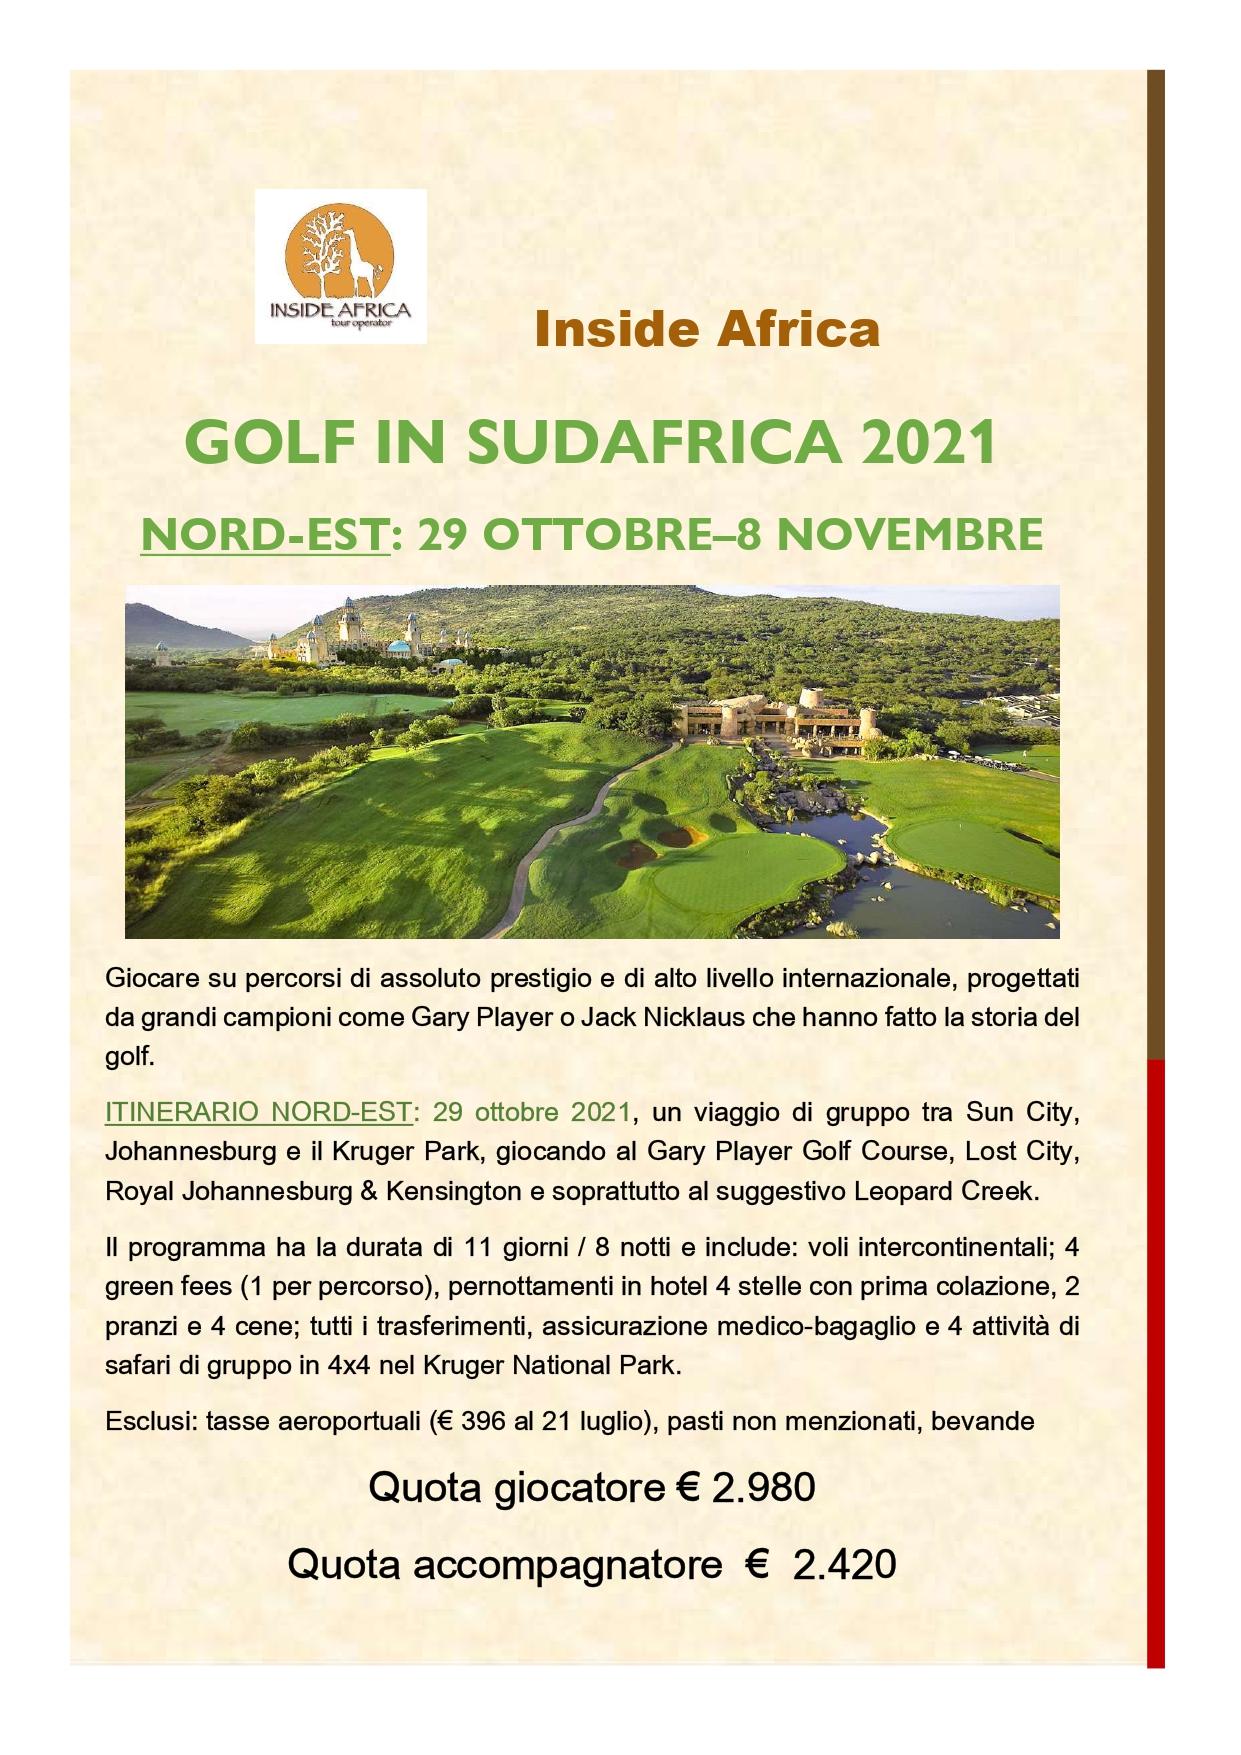 sudafrica-golf-29-ottobre-2021-nord-est-jpg